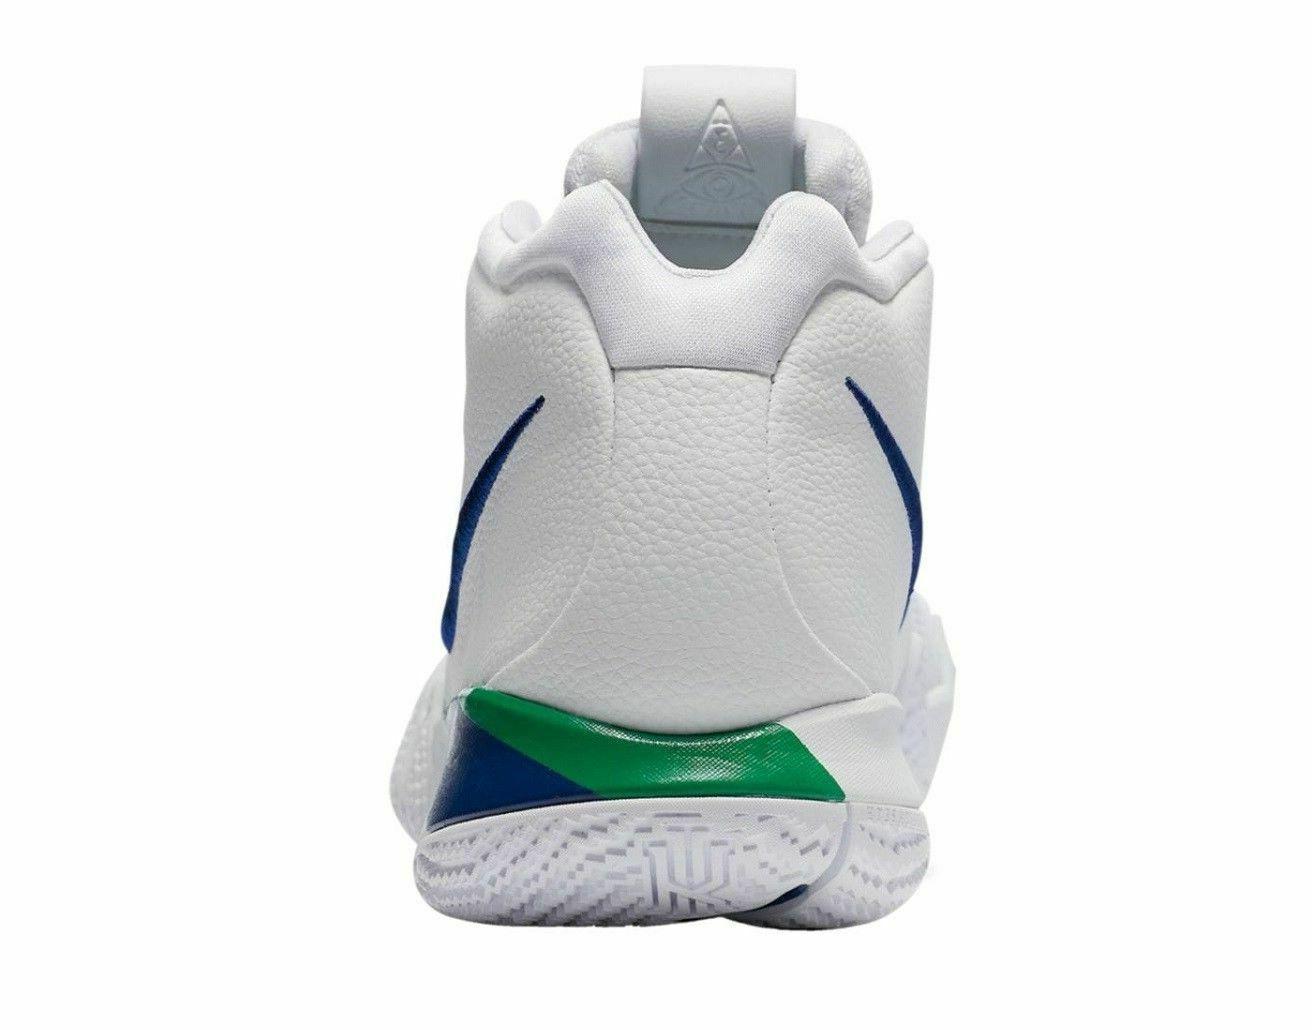 Nike Basketball Shoes White Seahawks NIB